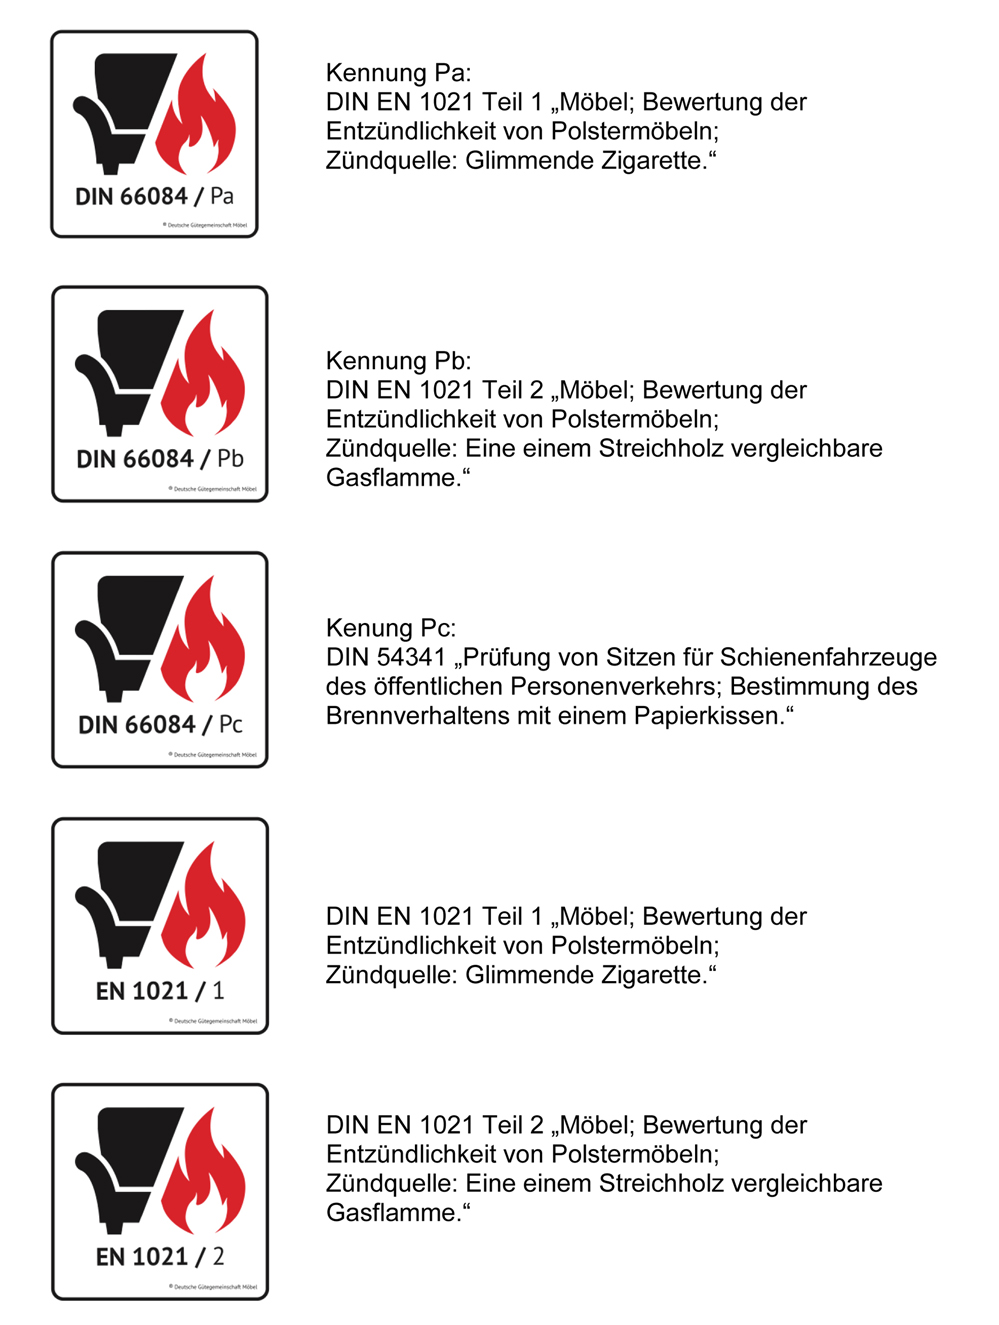 DGM Setzt Sich Für Nachgewiesenen Brandschutz Ein